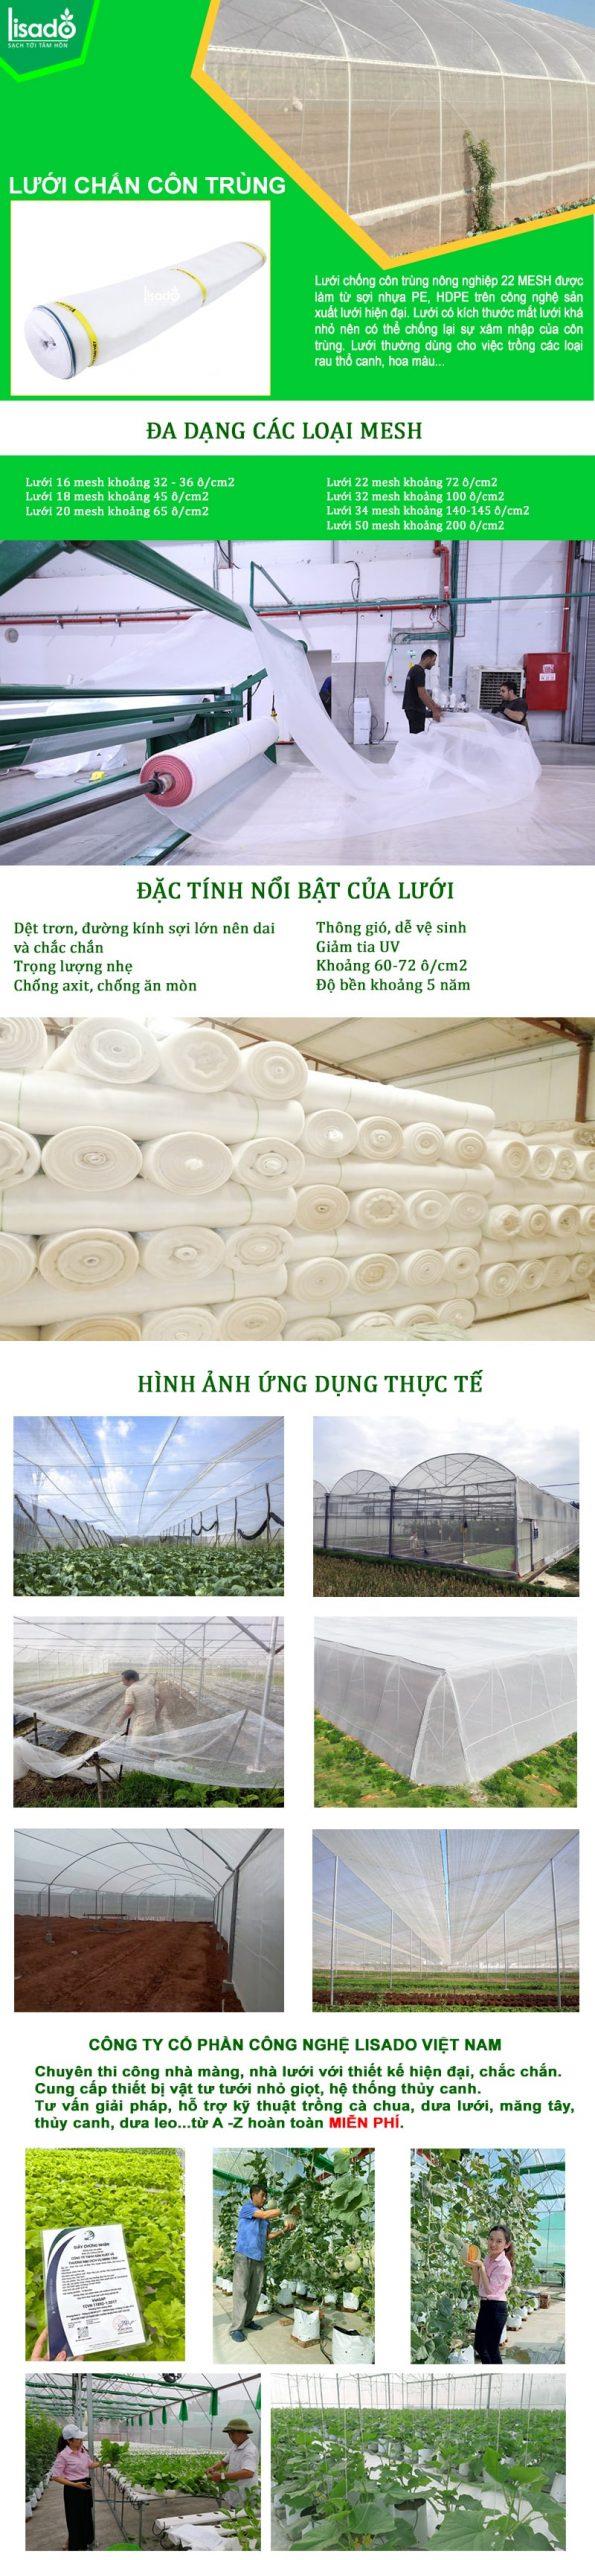 Lưới chống côn trùng độ bền cao, giá tốt